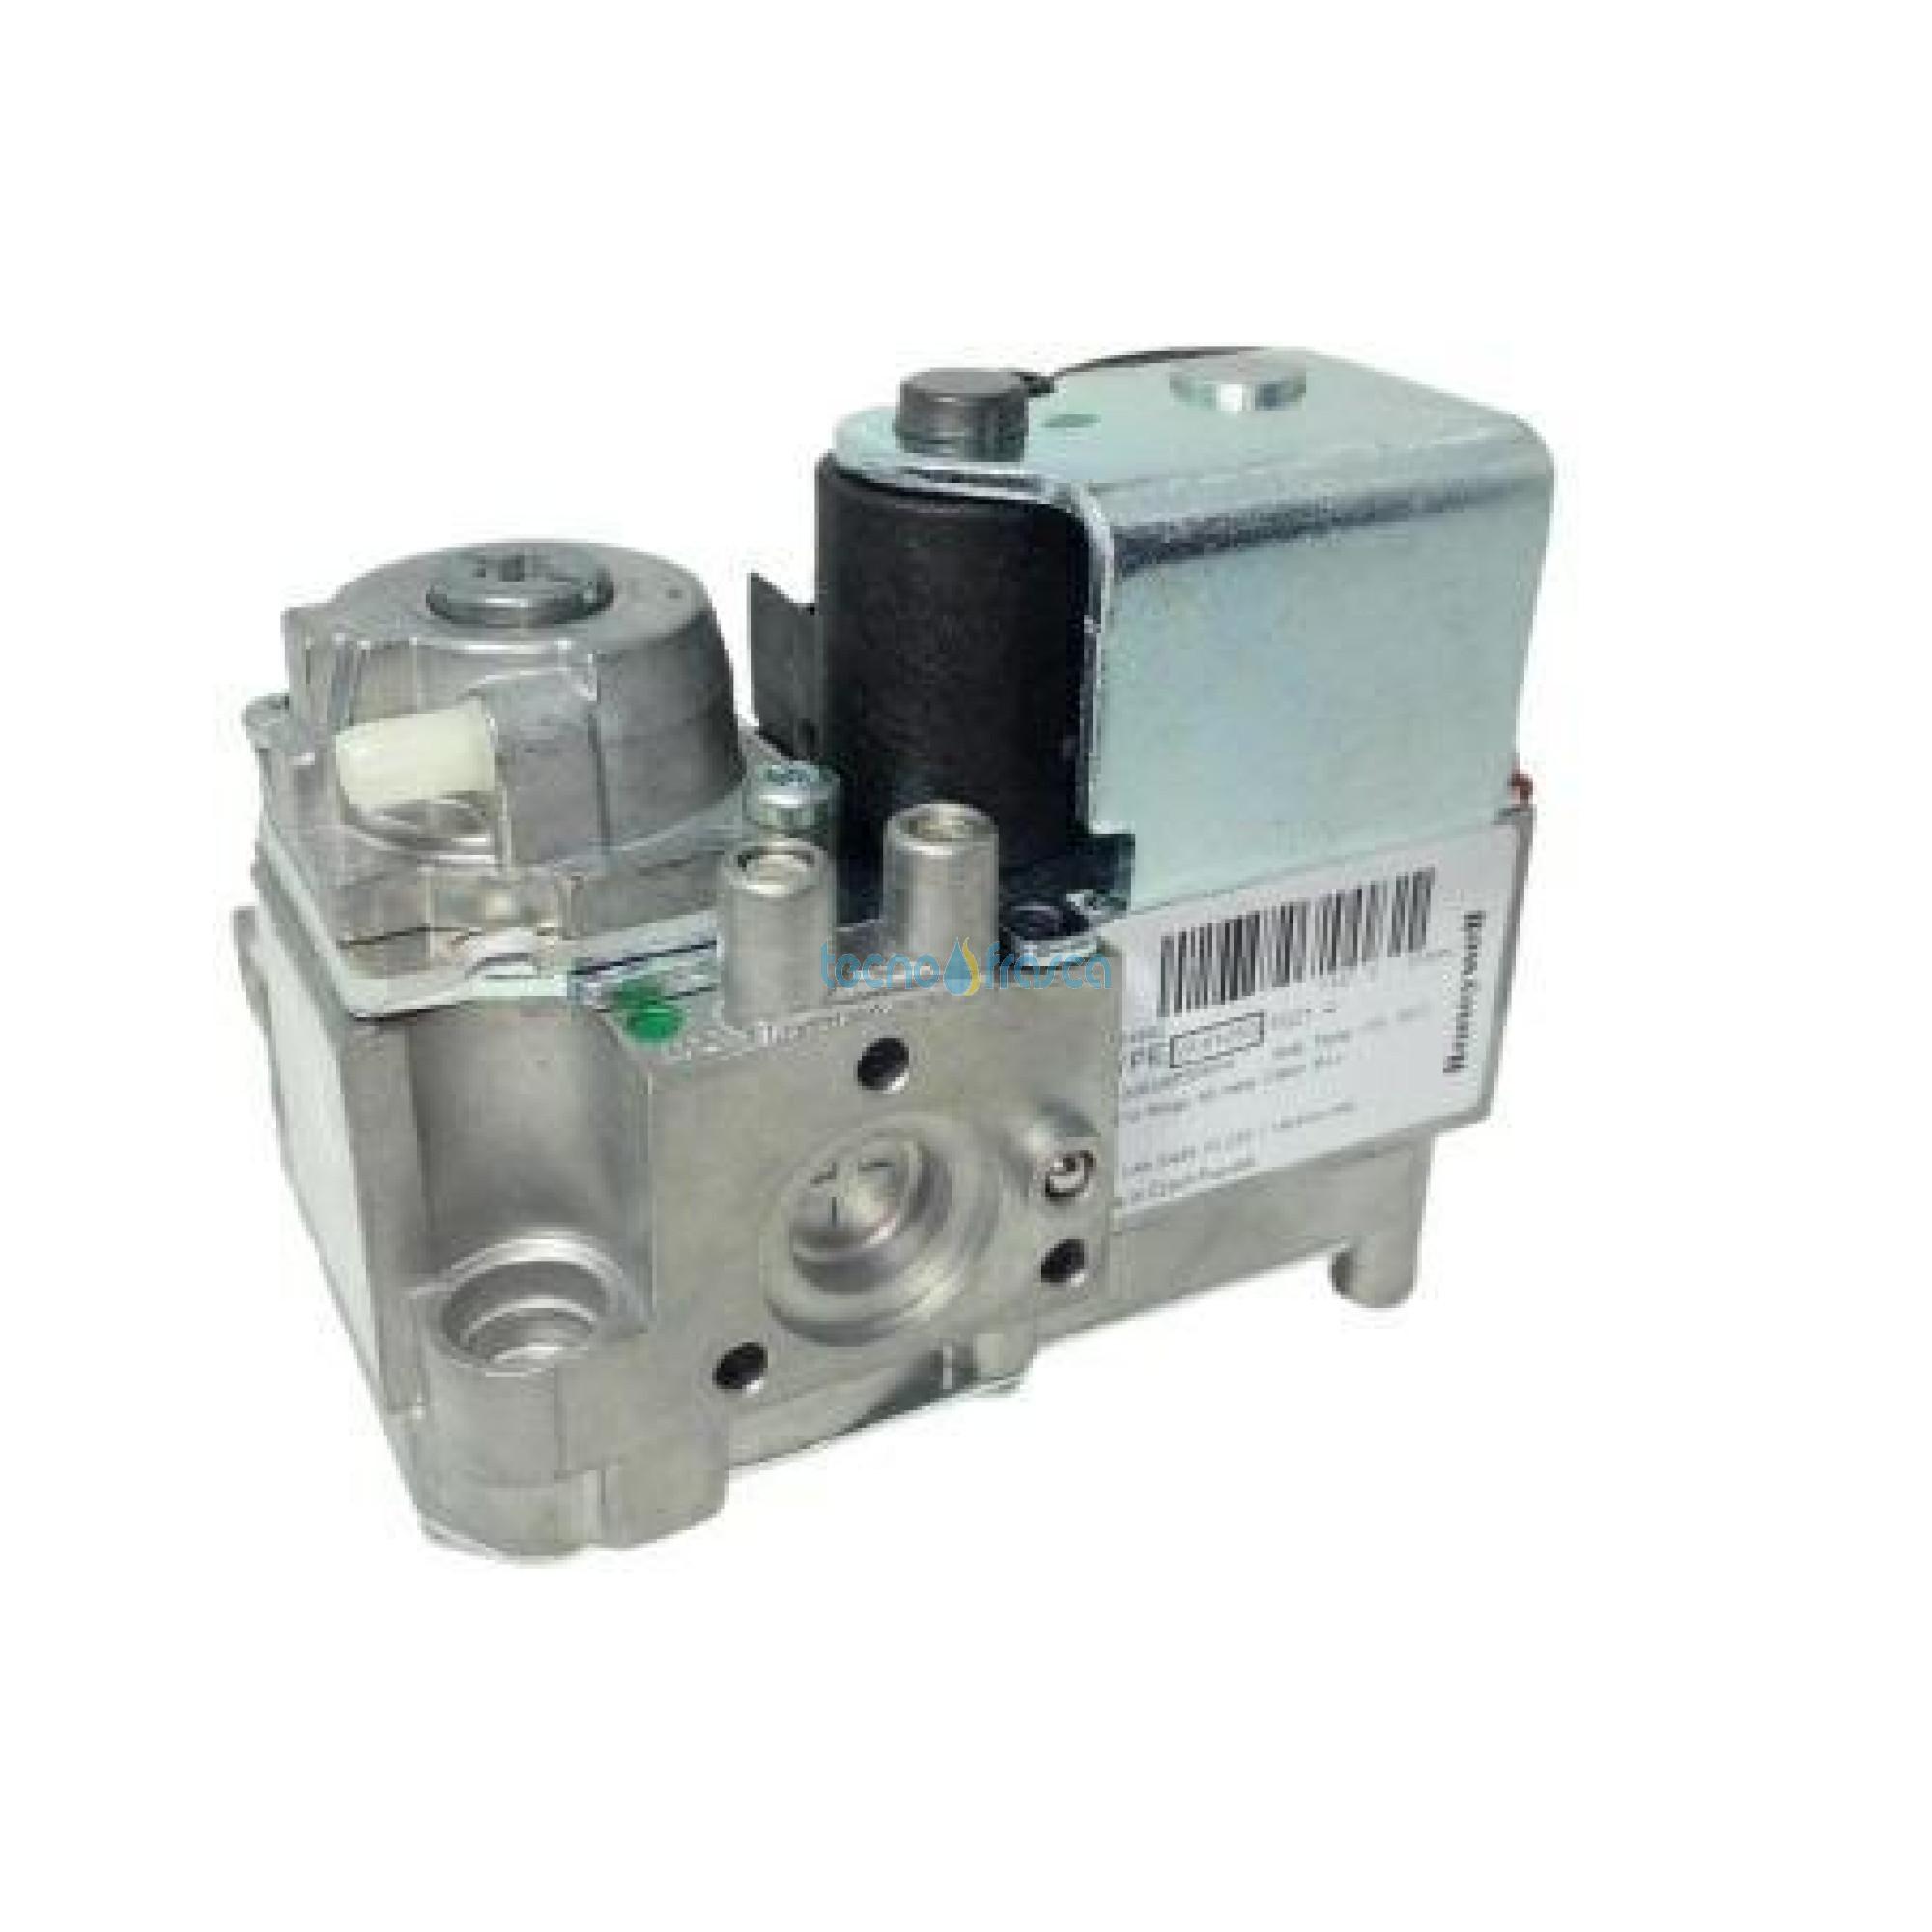 Riello calvola gas vk4105g1005 4050301 ricambio originale